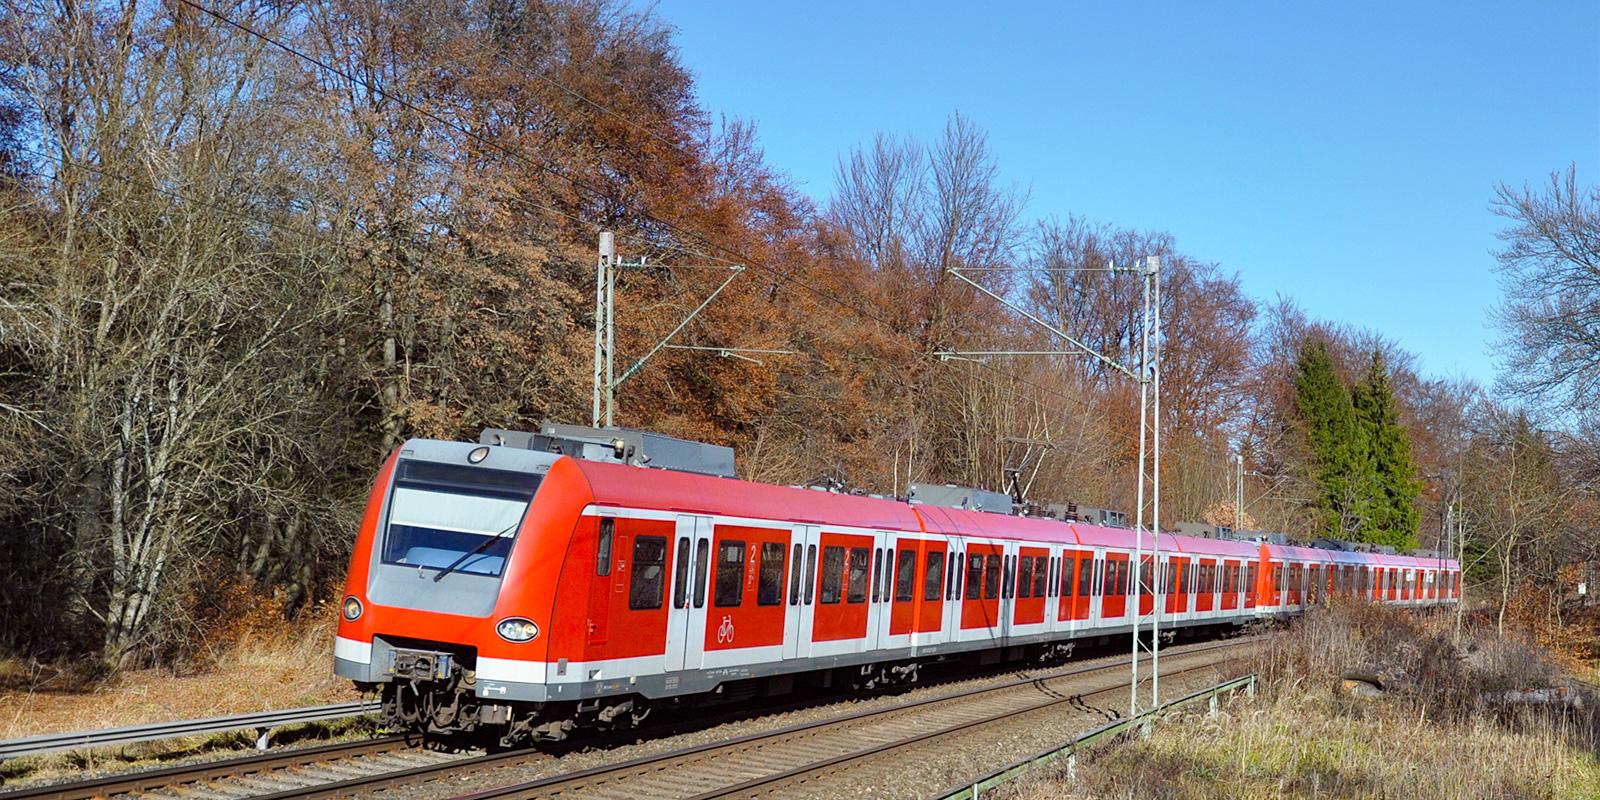 S Bahn Stammstreckensperrung Ab 23082019 Gemeinde Ismaning